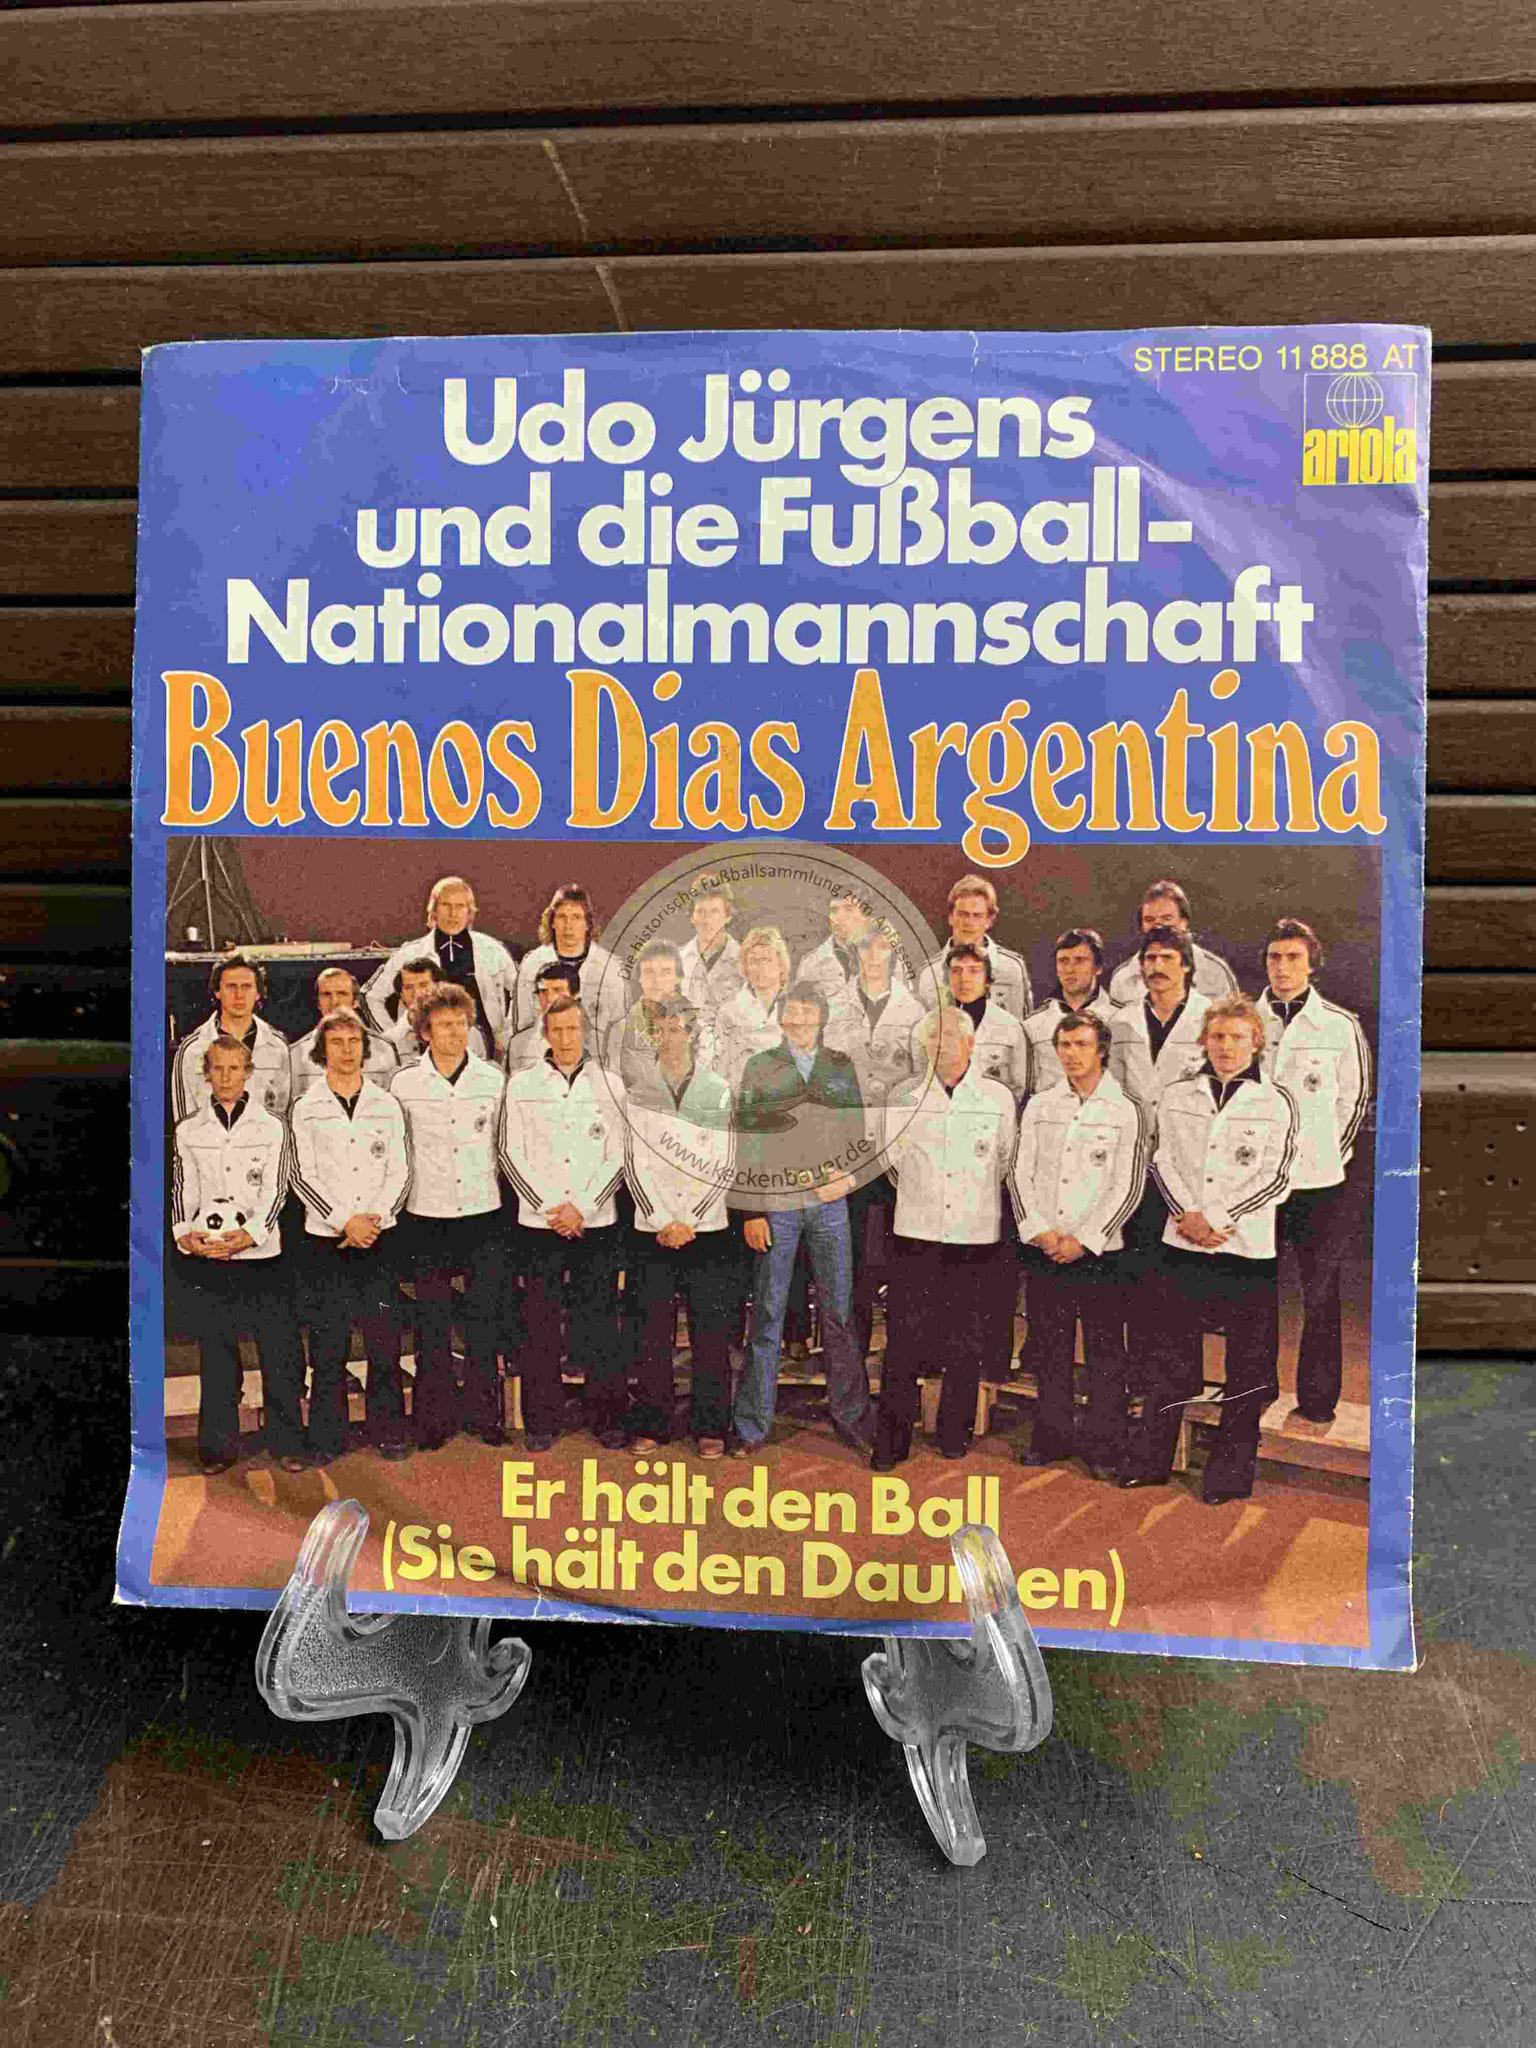 1978 Udo Jürgens und die Fußball-Nationalmannschaft Buenos Dias Argentina